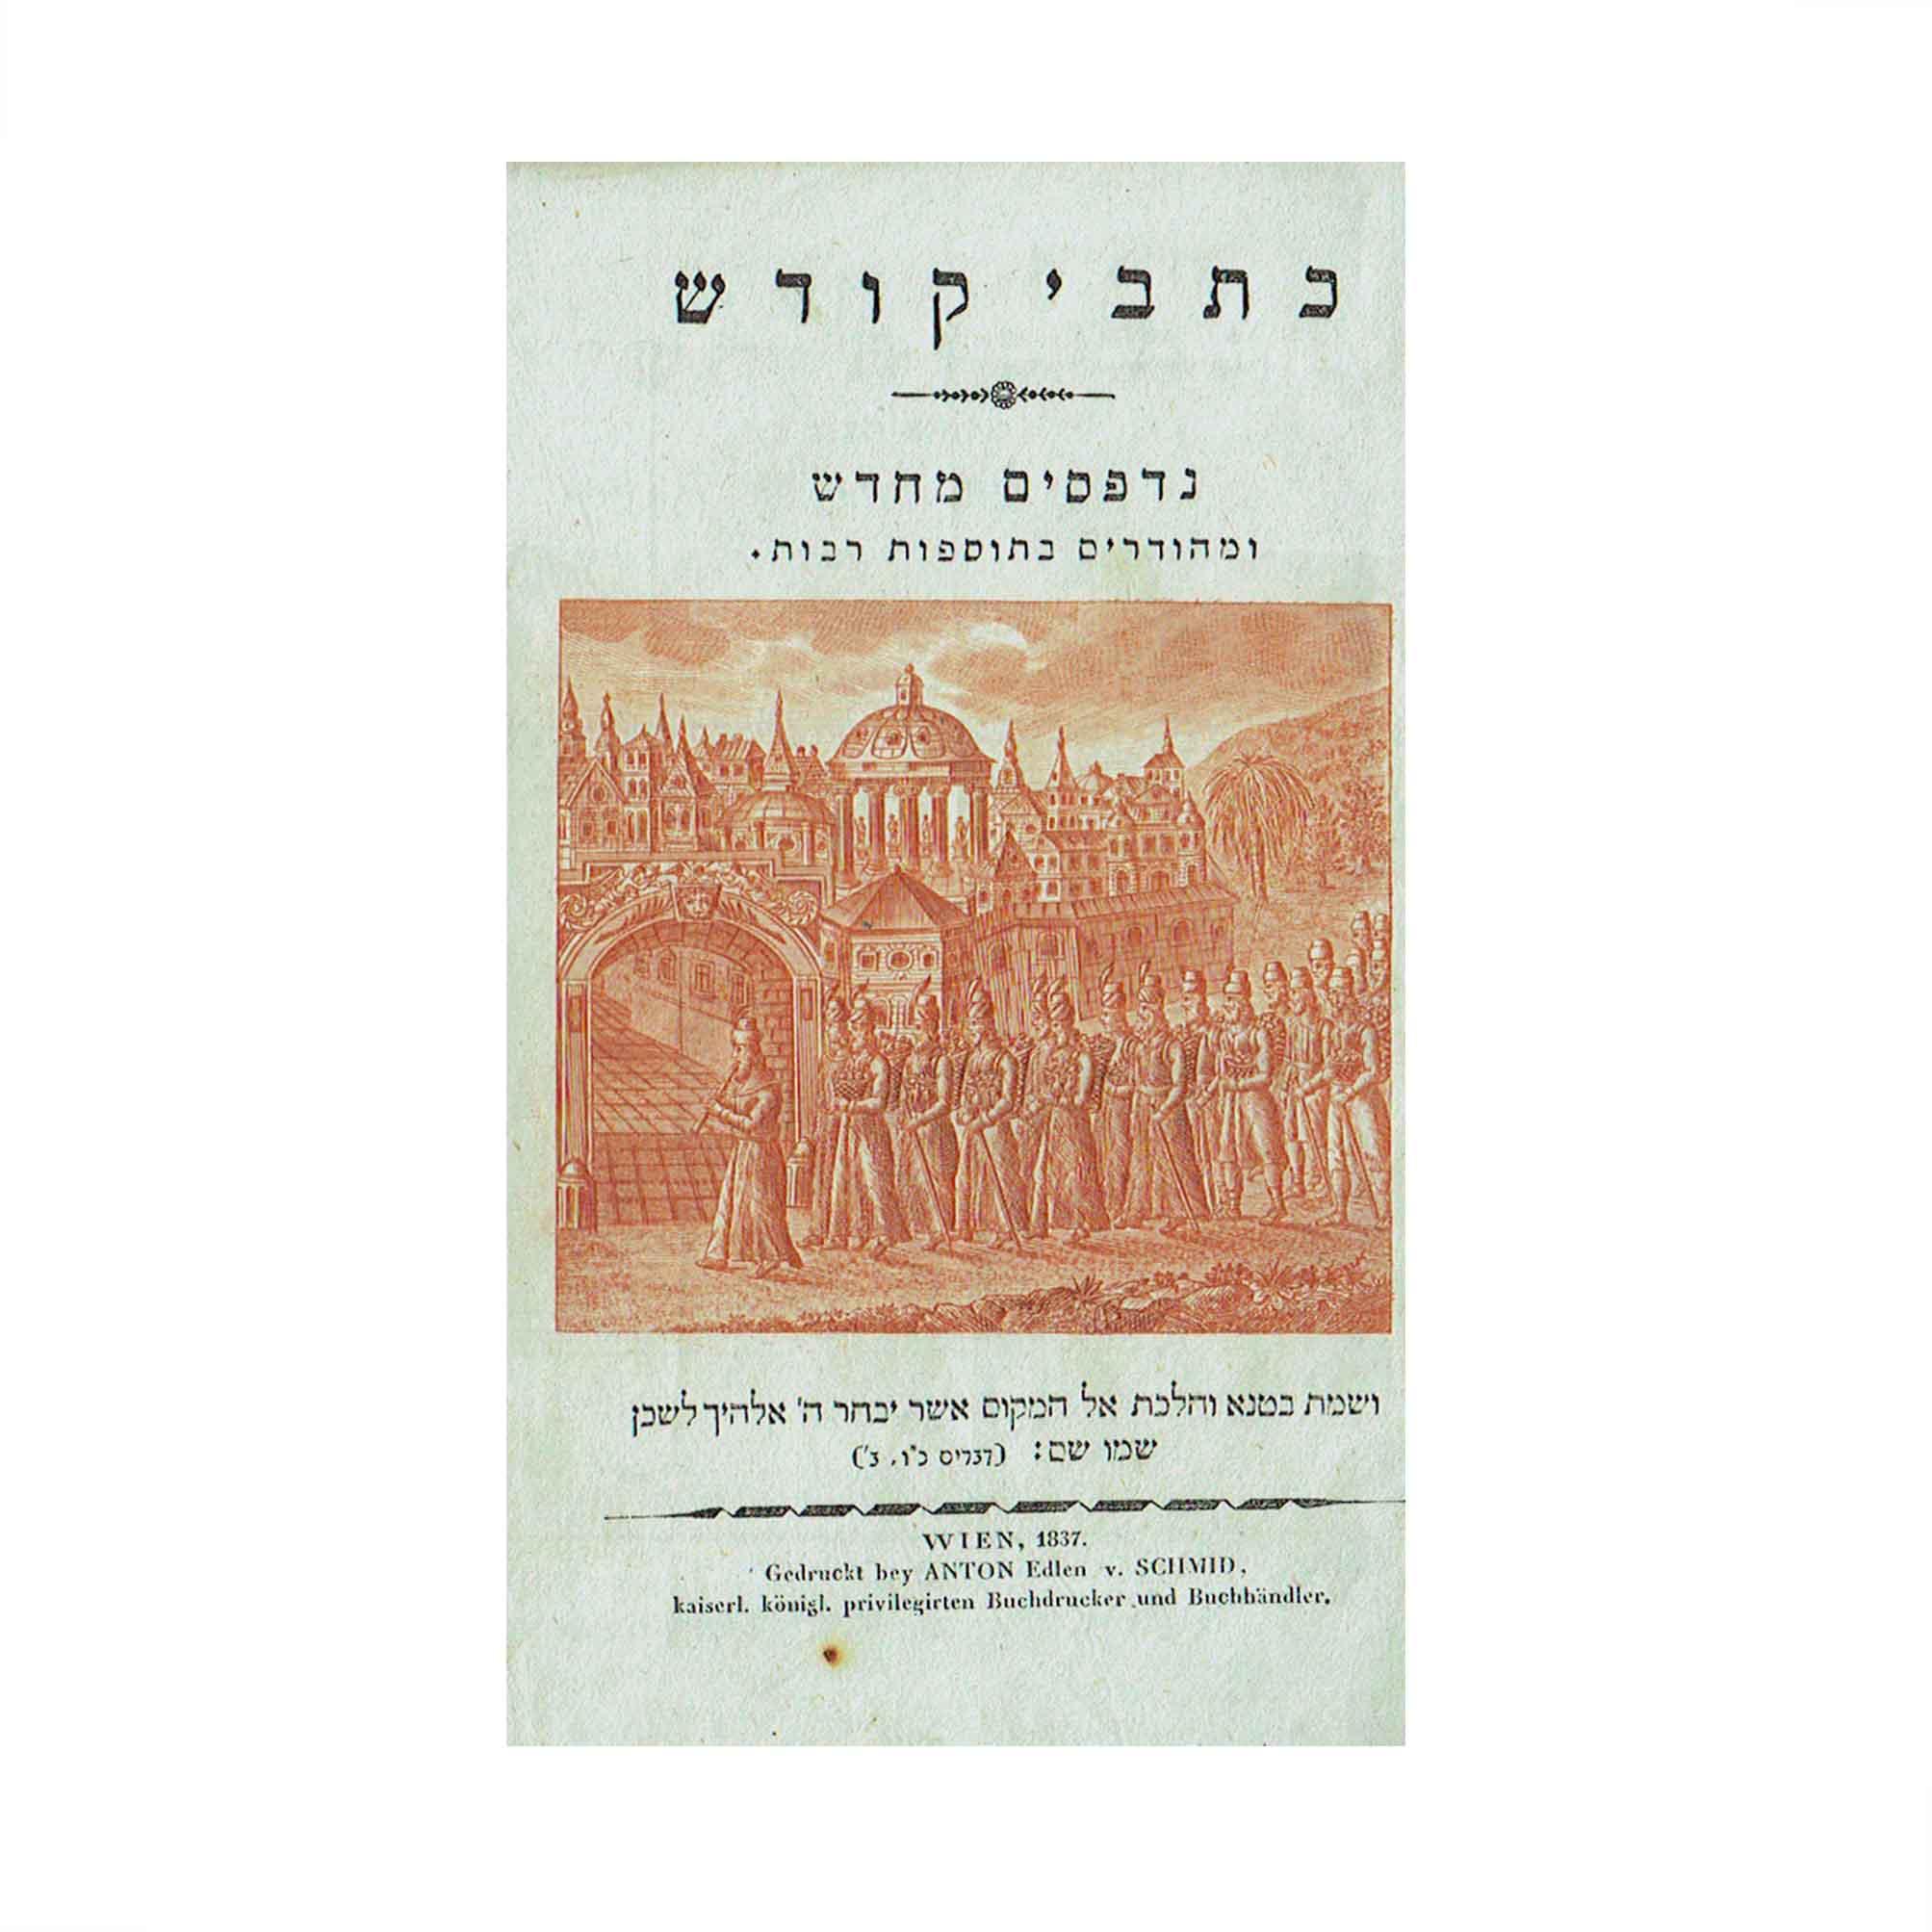 5529-5529-Pentateuch-Mendelssohn-Netiboth-ha-schalom-1837-Title-Vignette-A-N.jpg